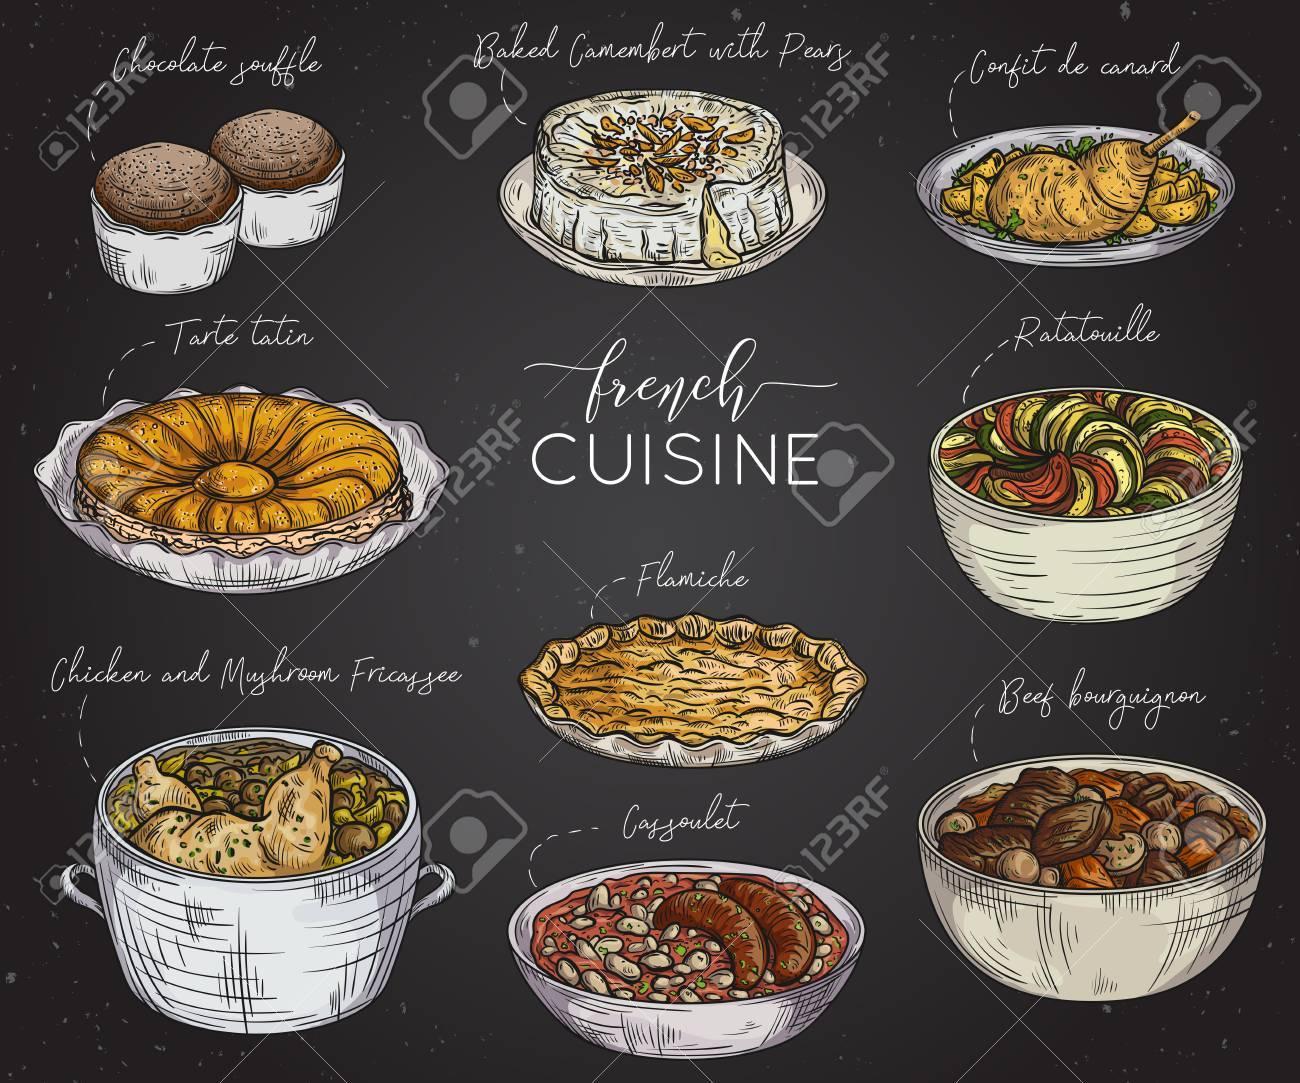 Tableau Noir Deco Pour Cuisine cuisine française. collection de nourriture délicieuse sur tableau noir.  Éléments isolés concept design pour les restaurants de décoration, menu.